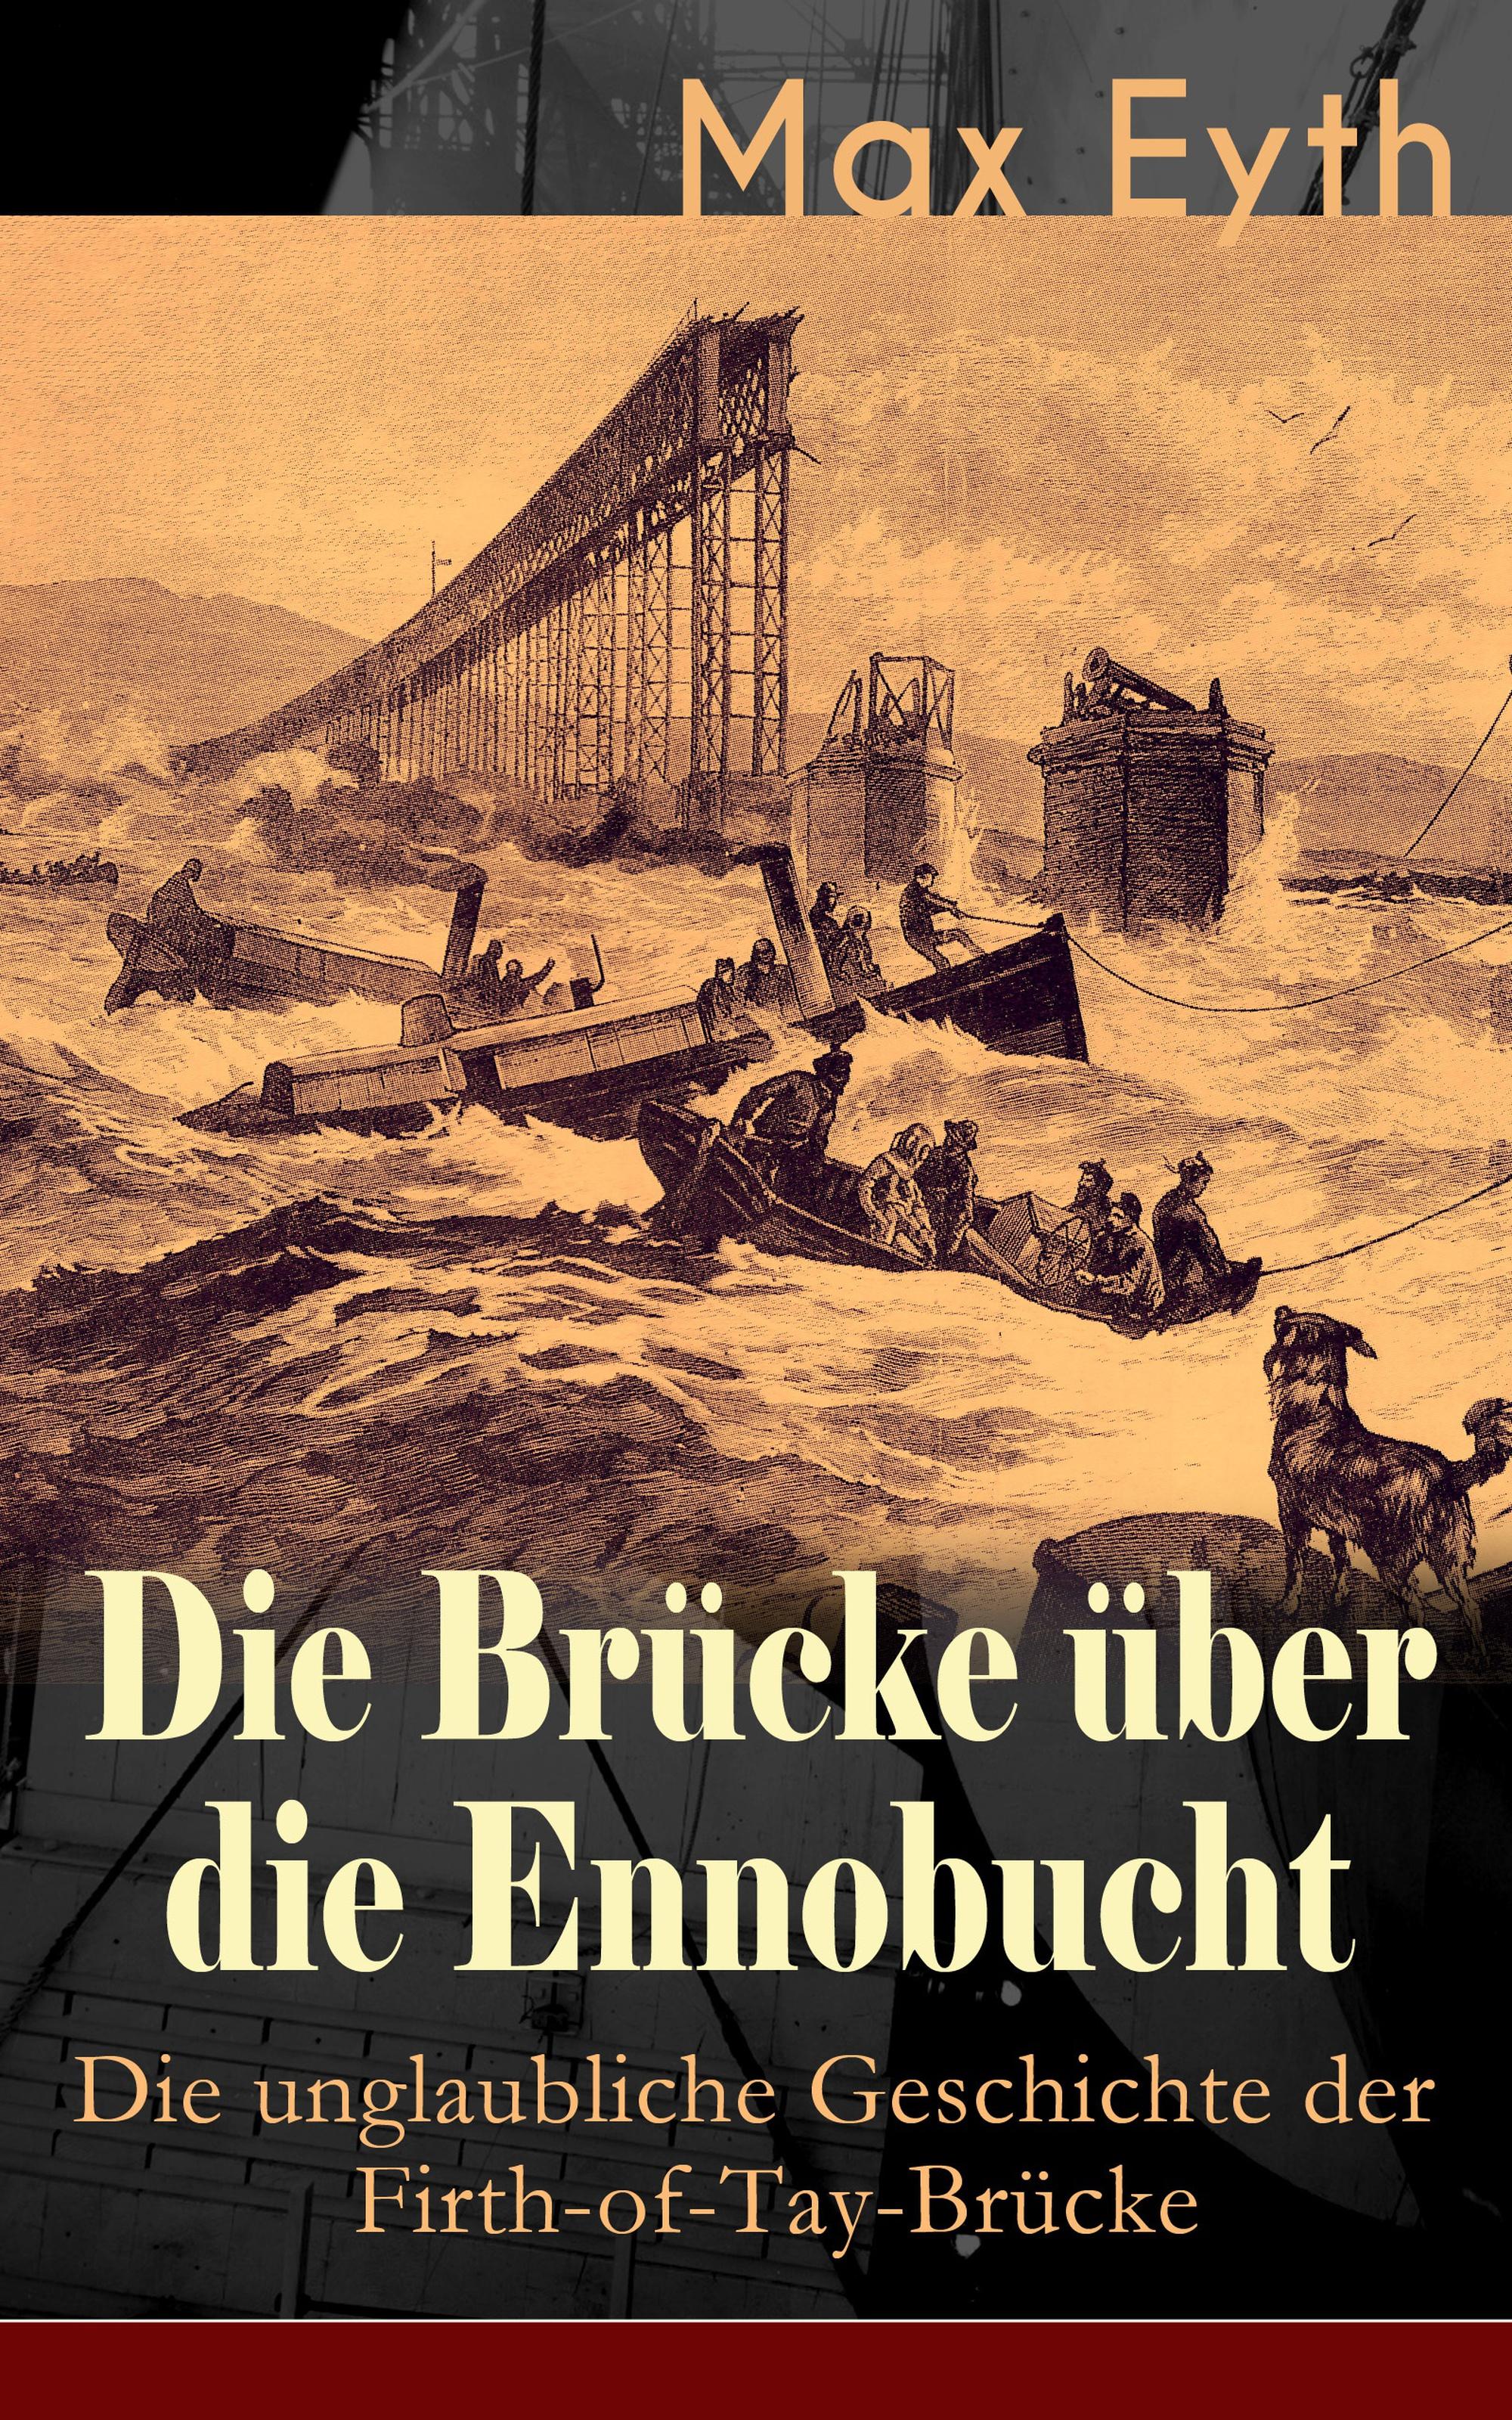 Max Eyth Die Brücke über die Ennobucht: Die unglaubliche Geschichte der Firth-of-Tay-Brücke david billington p der turm und die brücke die neue kunst des ingenieurbaus page 10 page 9 page 7